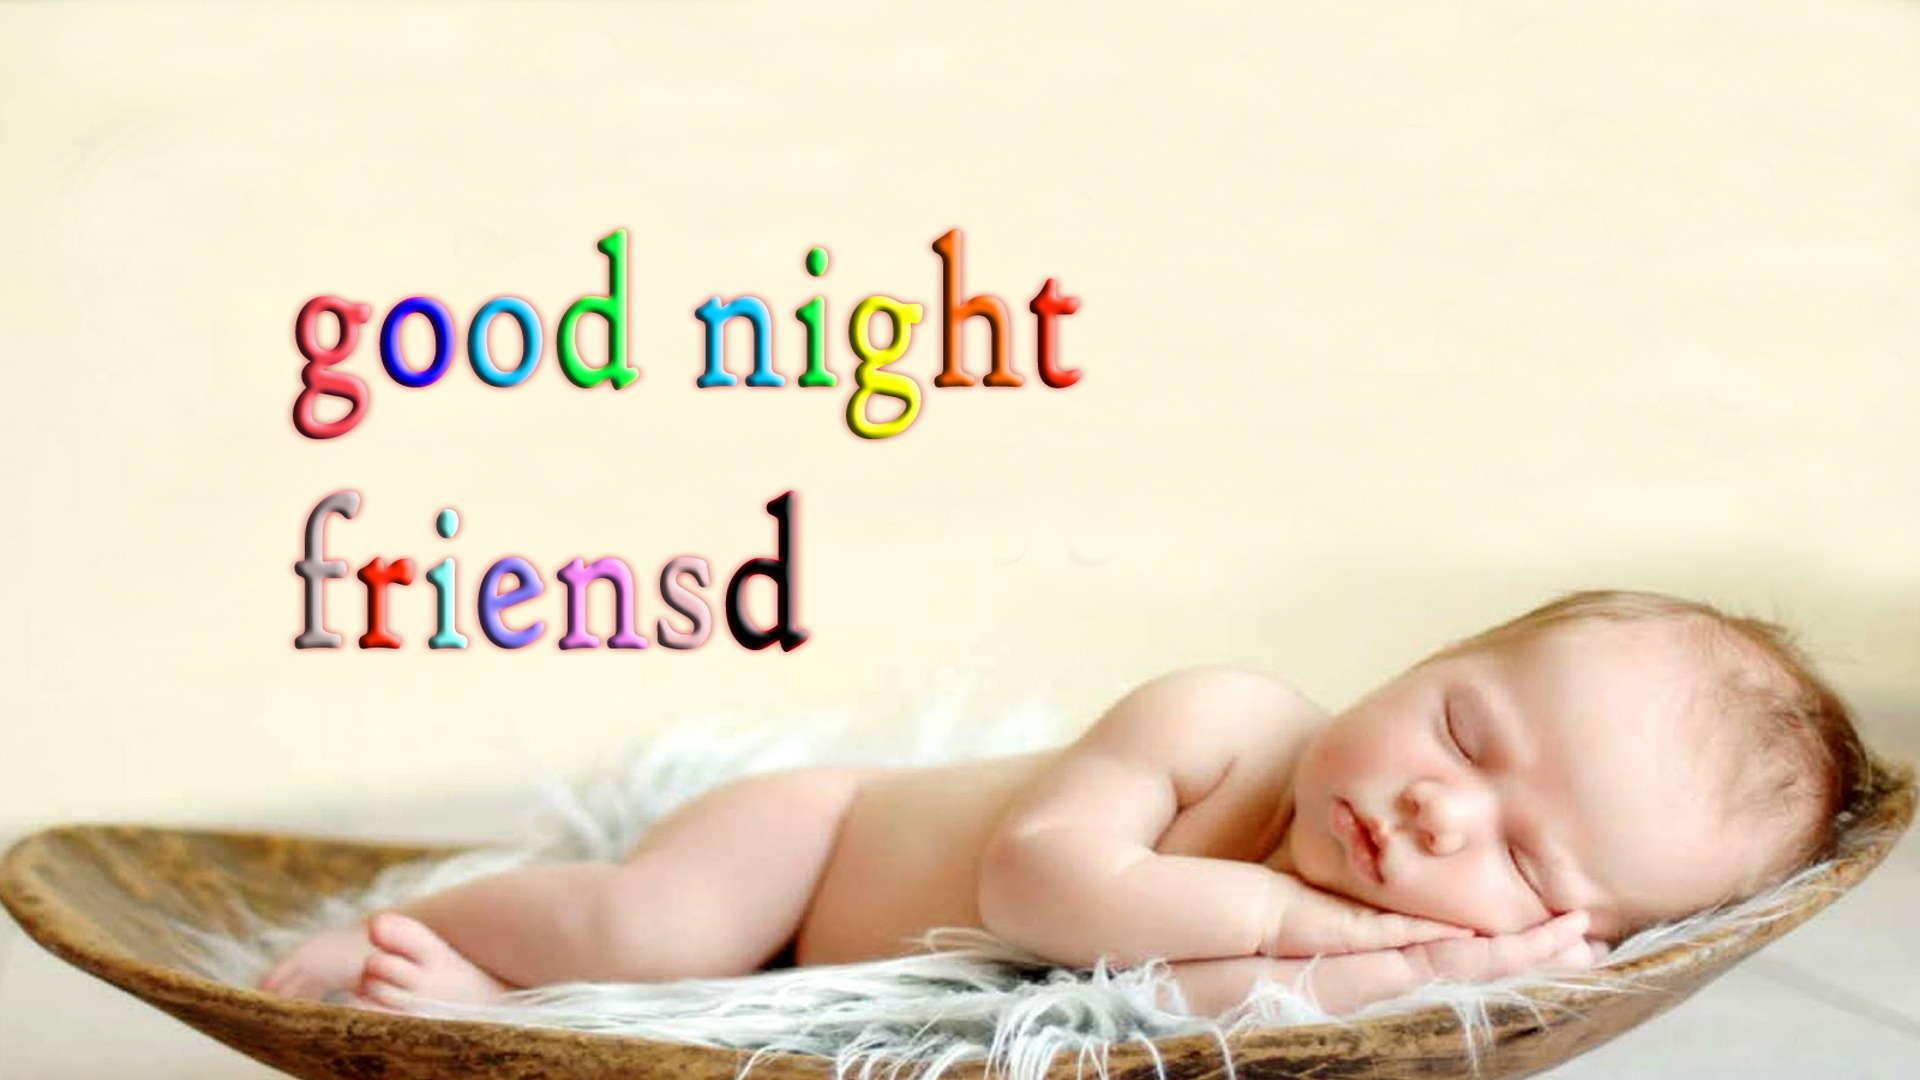 Wallpaper Cute Baby Sleeping Quotes Hd Wallpaper 1080p Upload at May 1920x1080